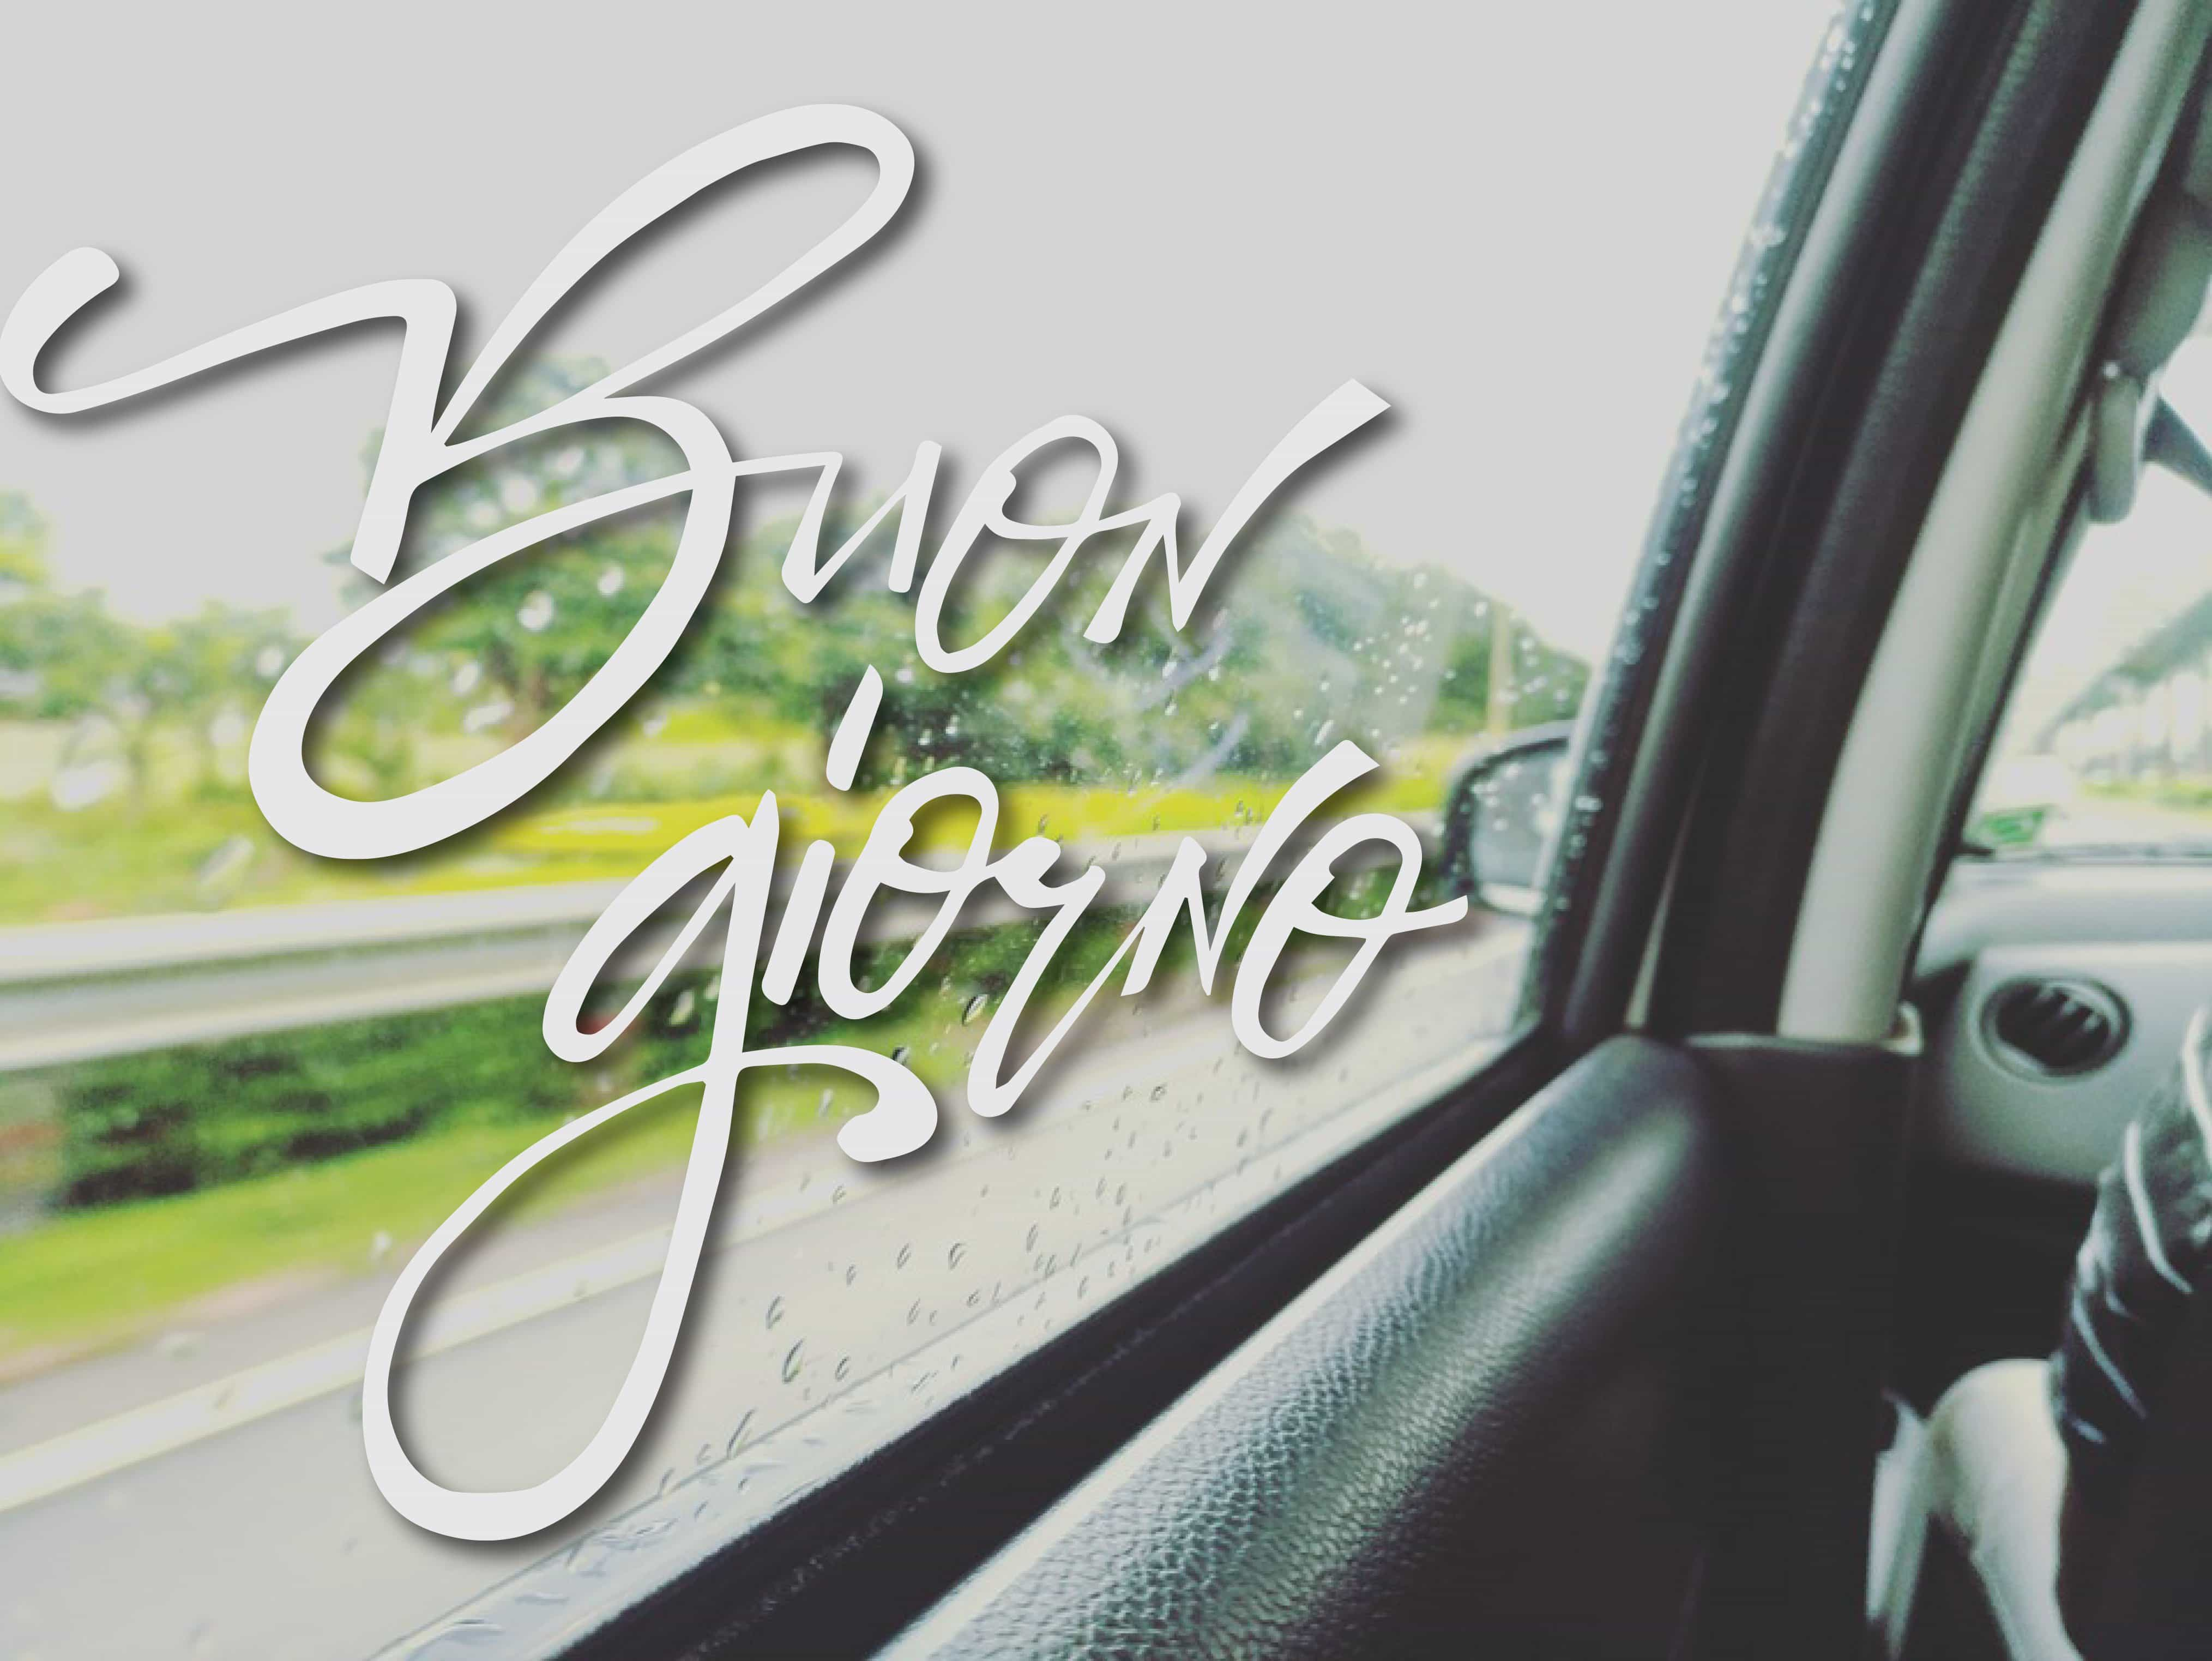 Buona giornata e buon viaggio con piove